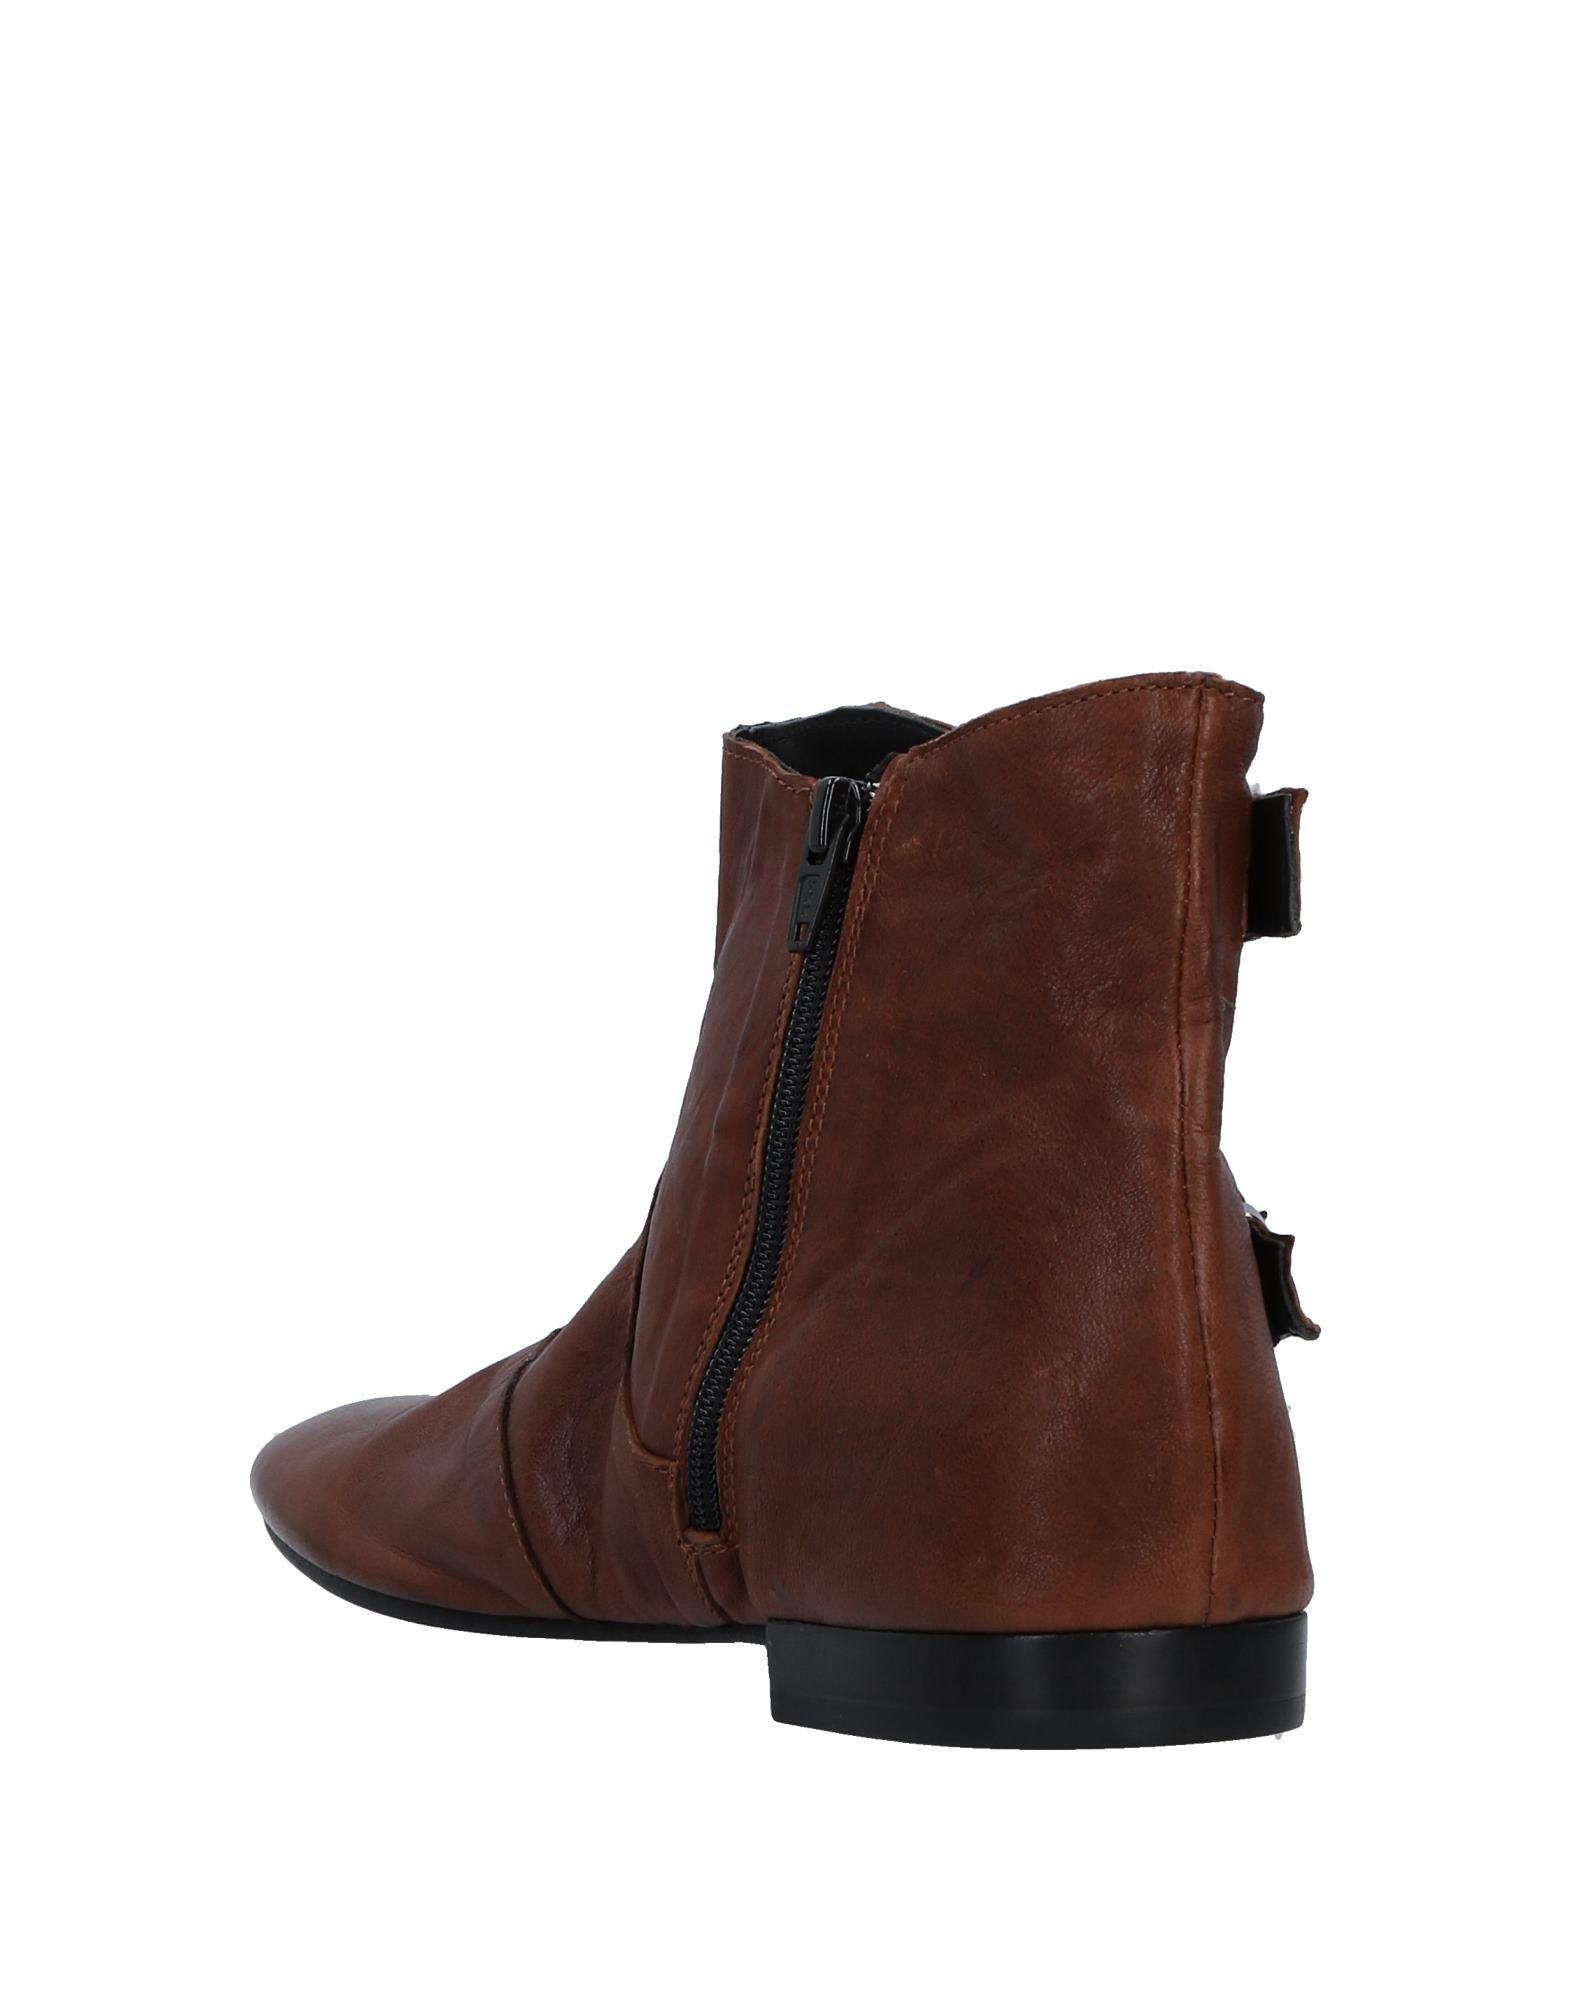 Stilvolle billige Schuhe Damen Kudetà Stiefelette Damen Schuhe  11540064TC 34b5da